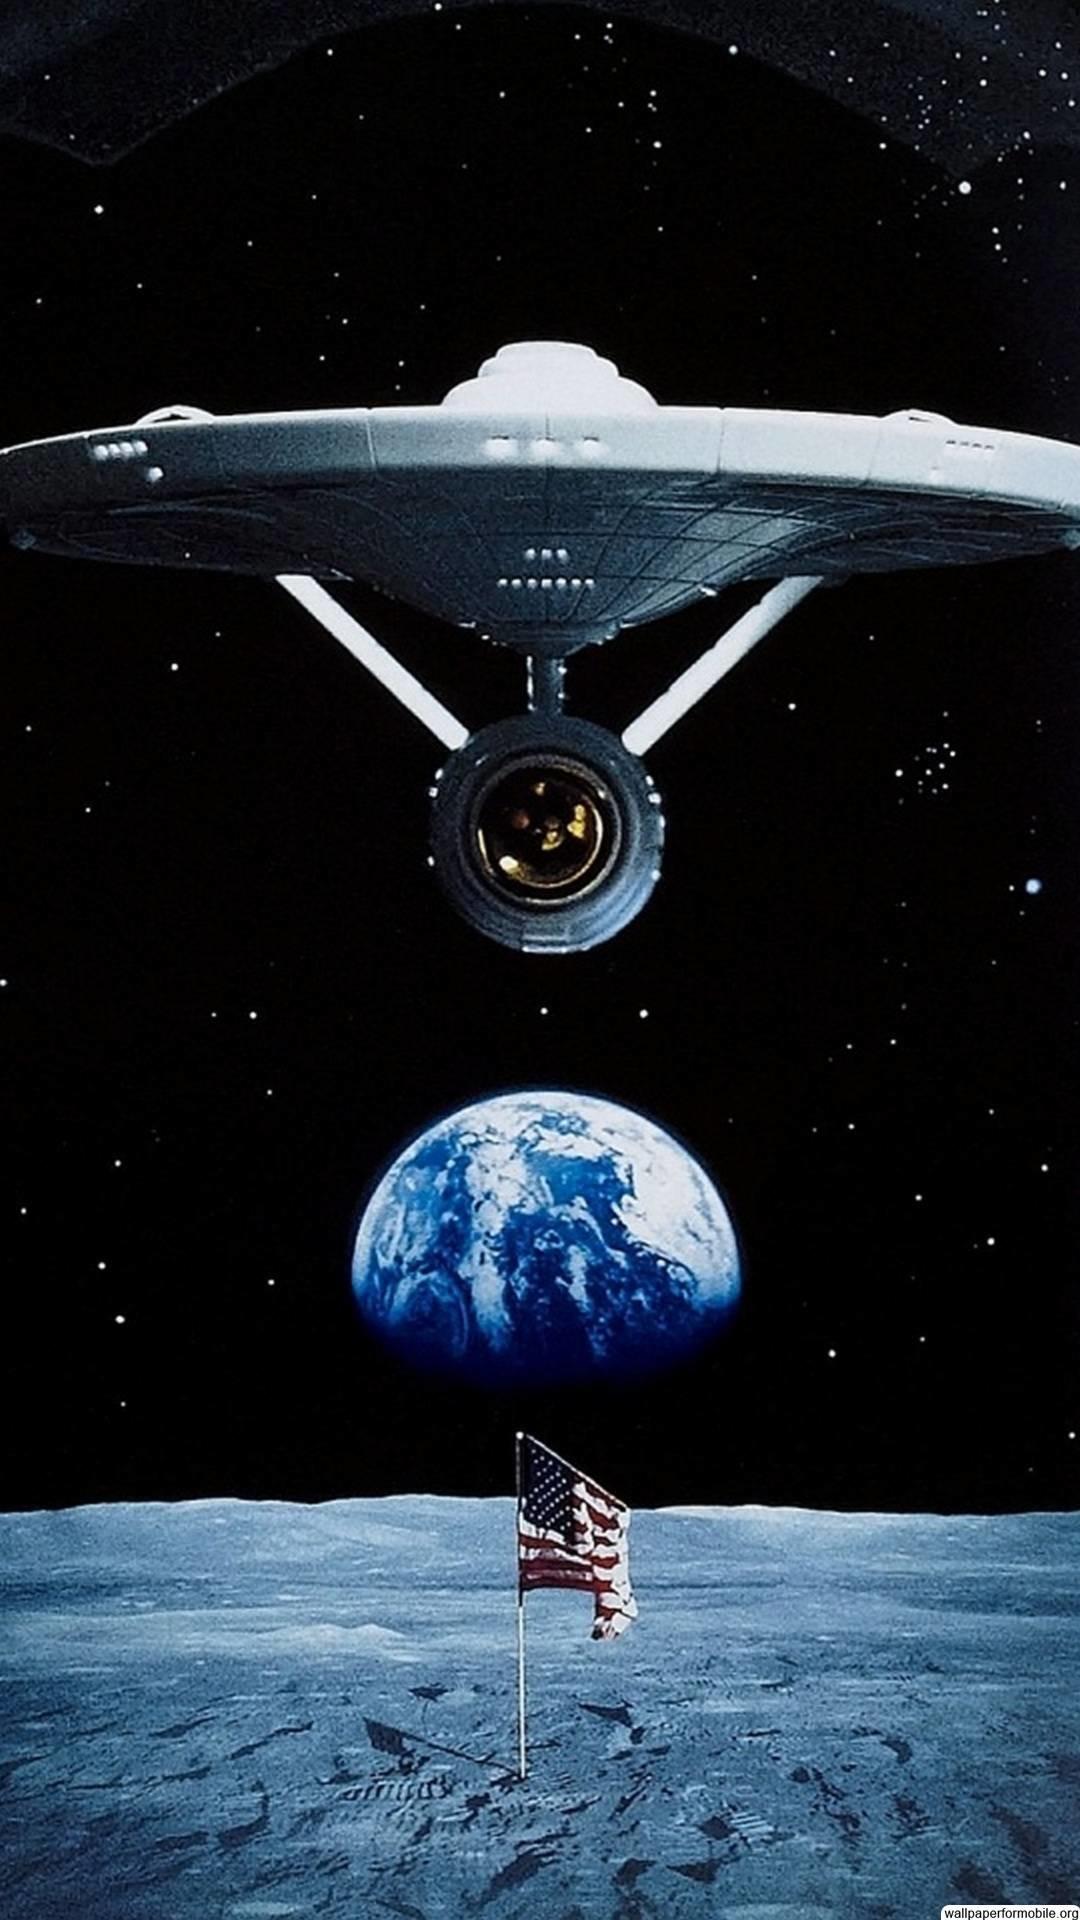 Star Trek Lcars iPhone Wallpaper (59+ images)